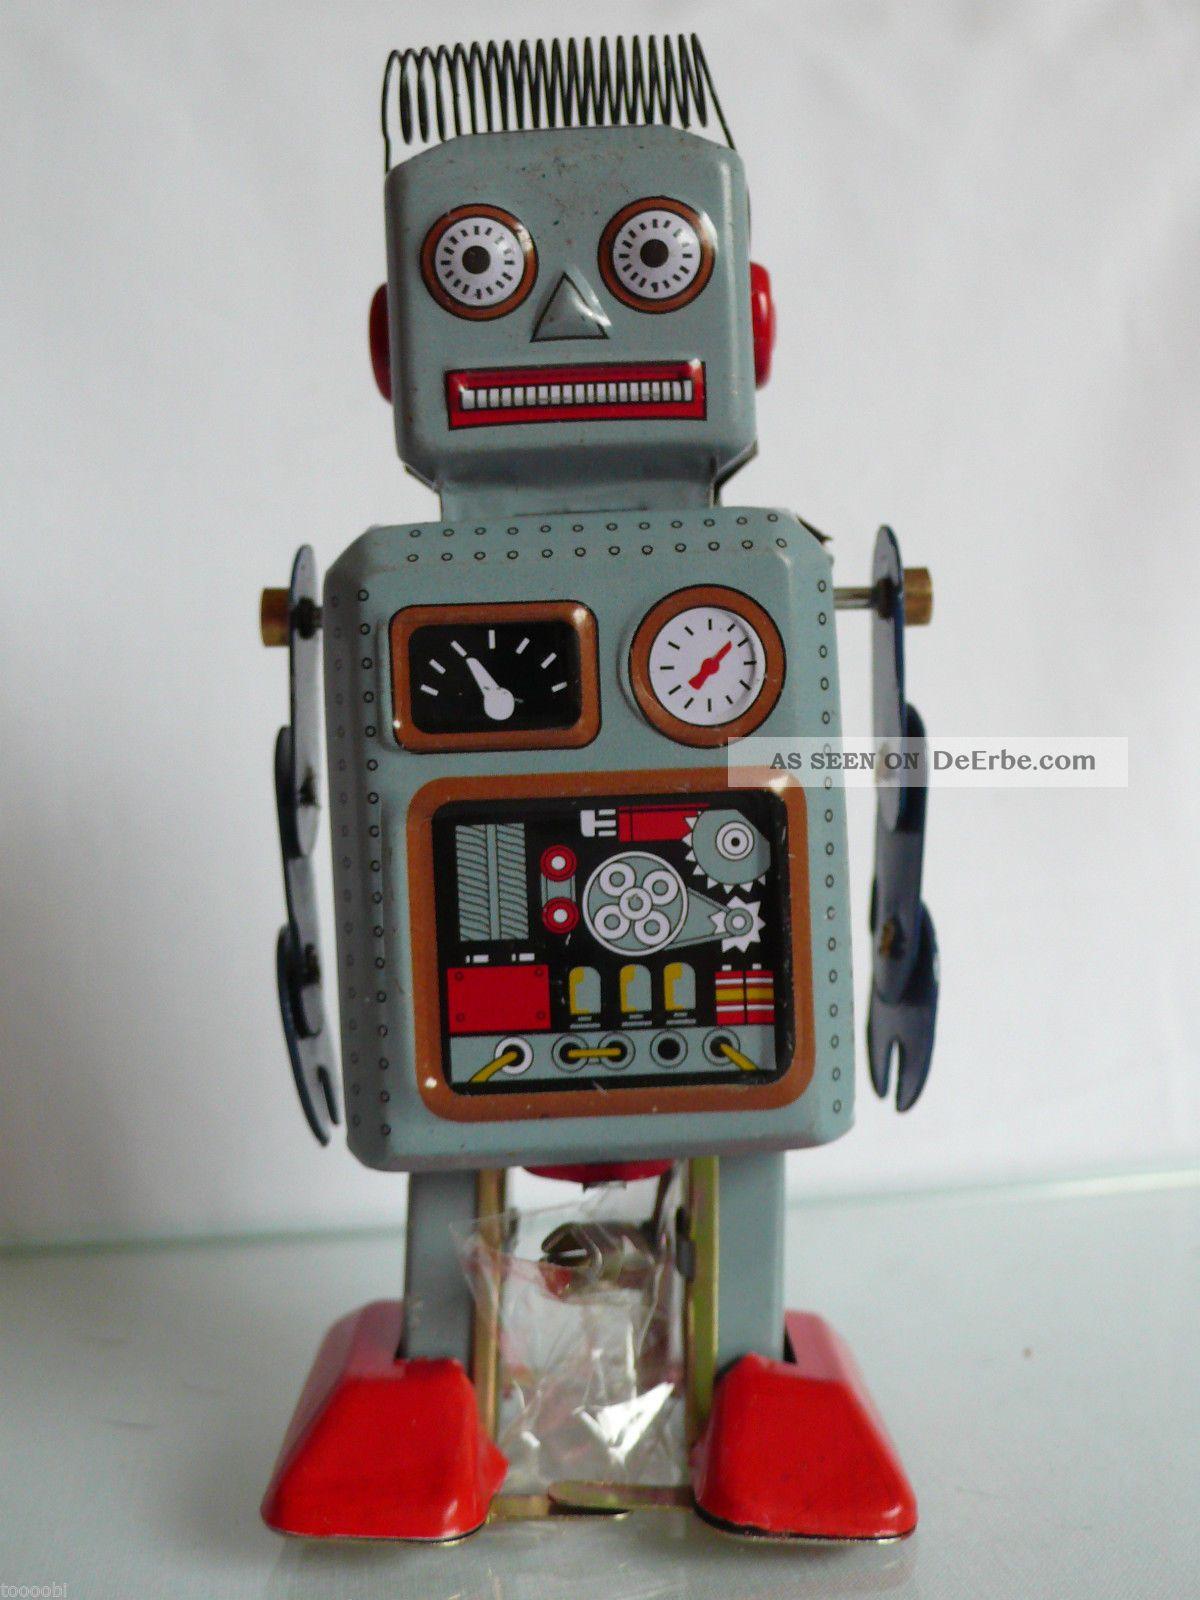 Blechspielzeug Roboter Antikspielzeug Nostalgie Made In China Walking Robot Gefertigt nach 1970 Bild